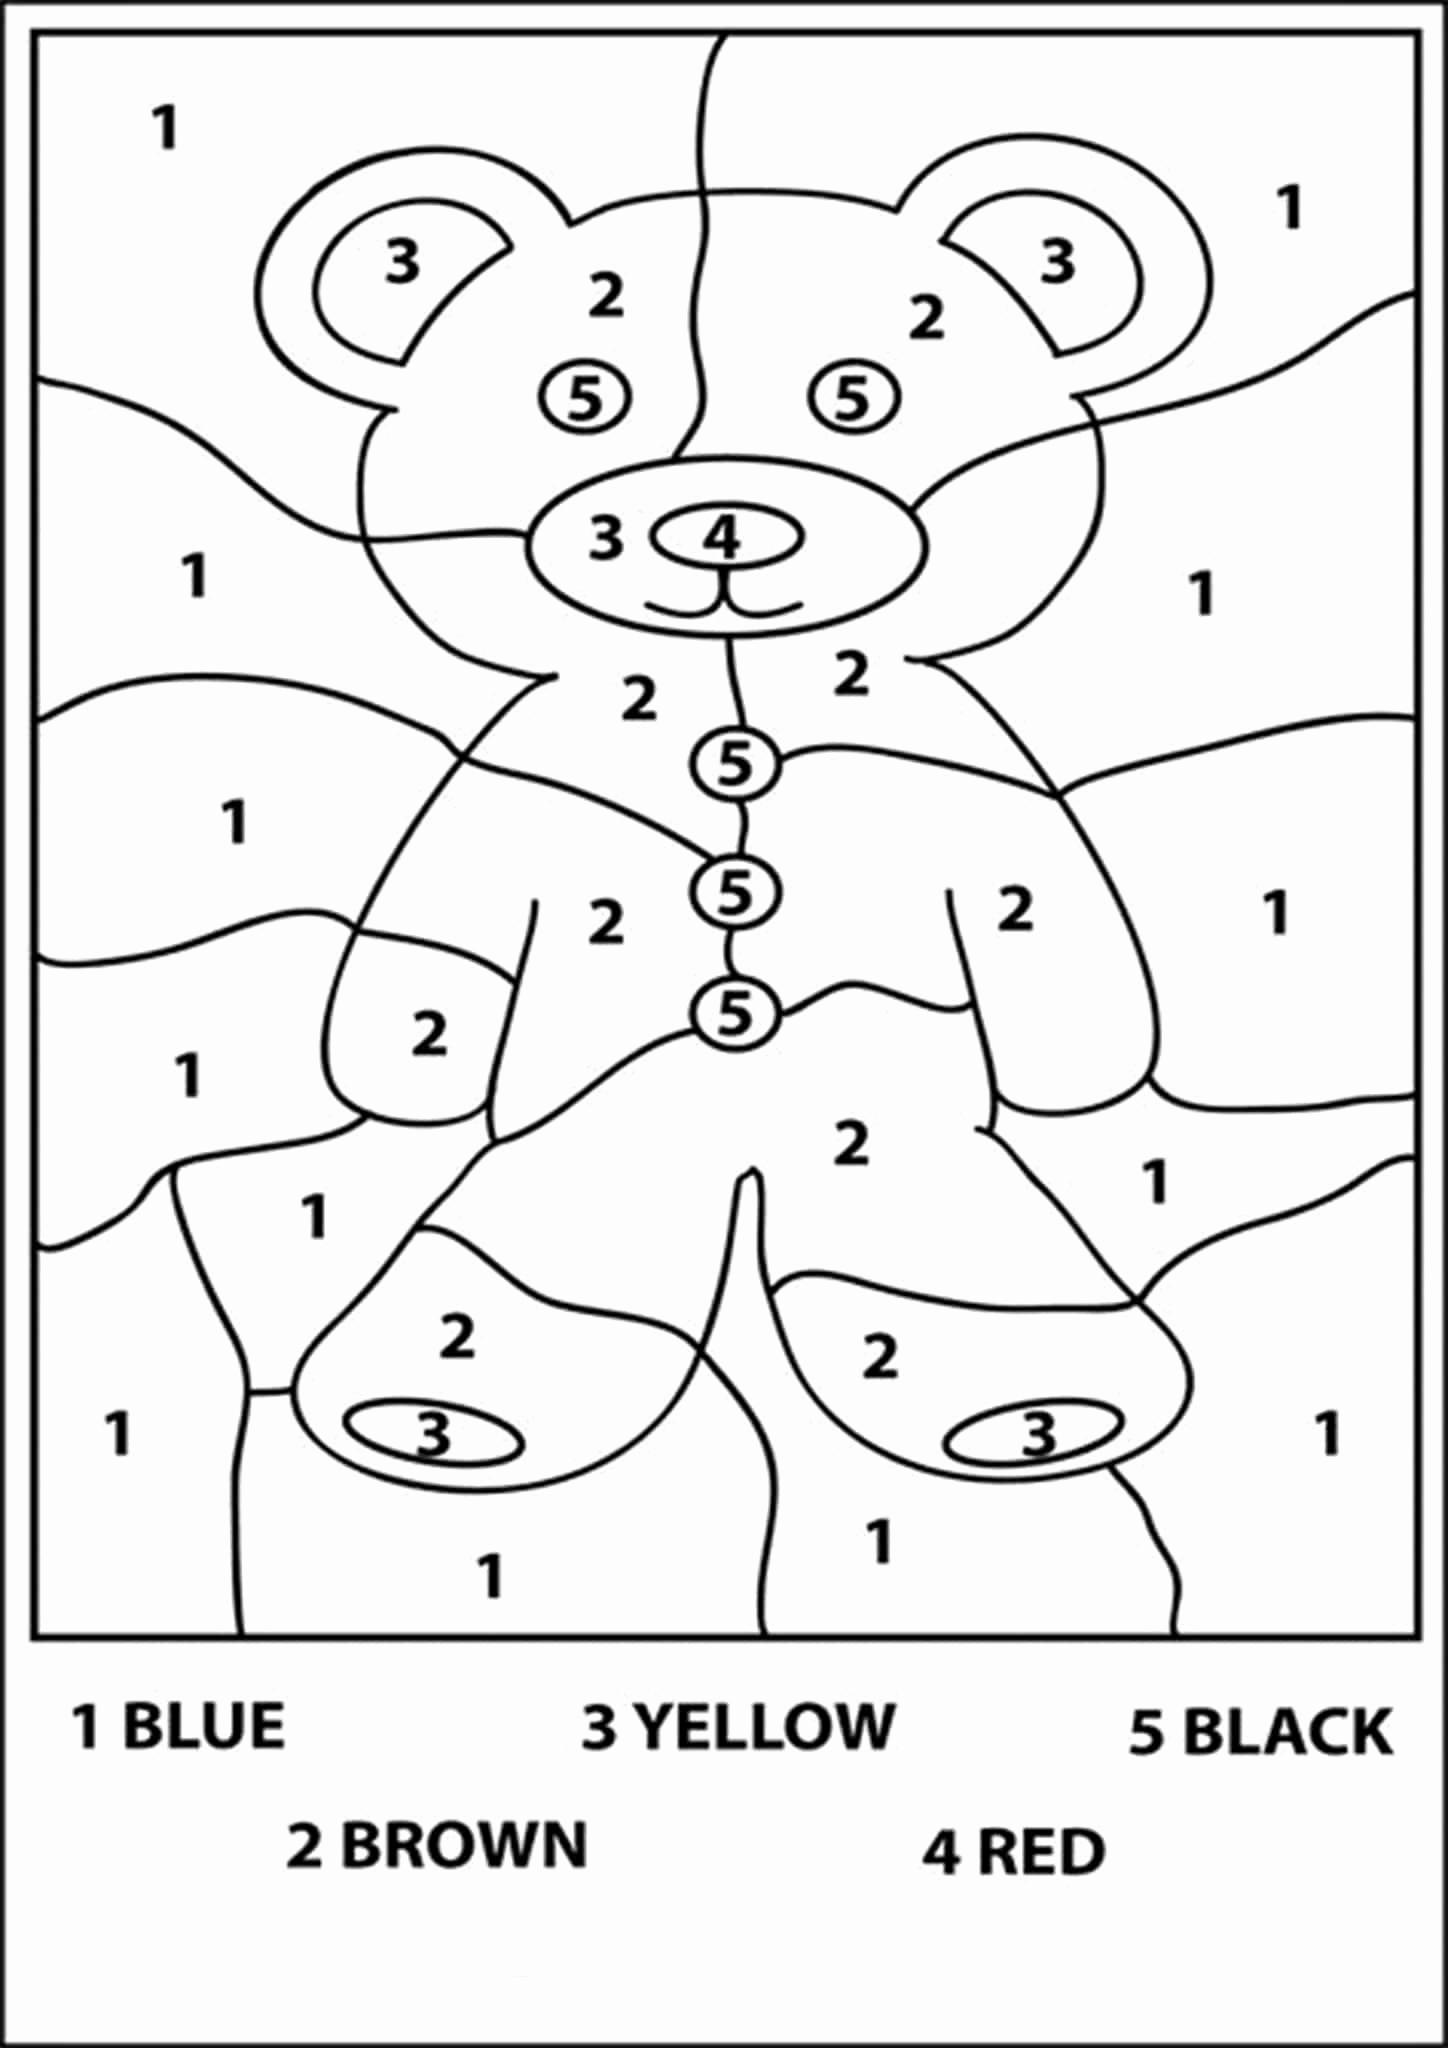 Kindergarten Color by Number Worksheets Best Of Free Printable Color by Number Worksheets for Kindergarten